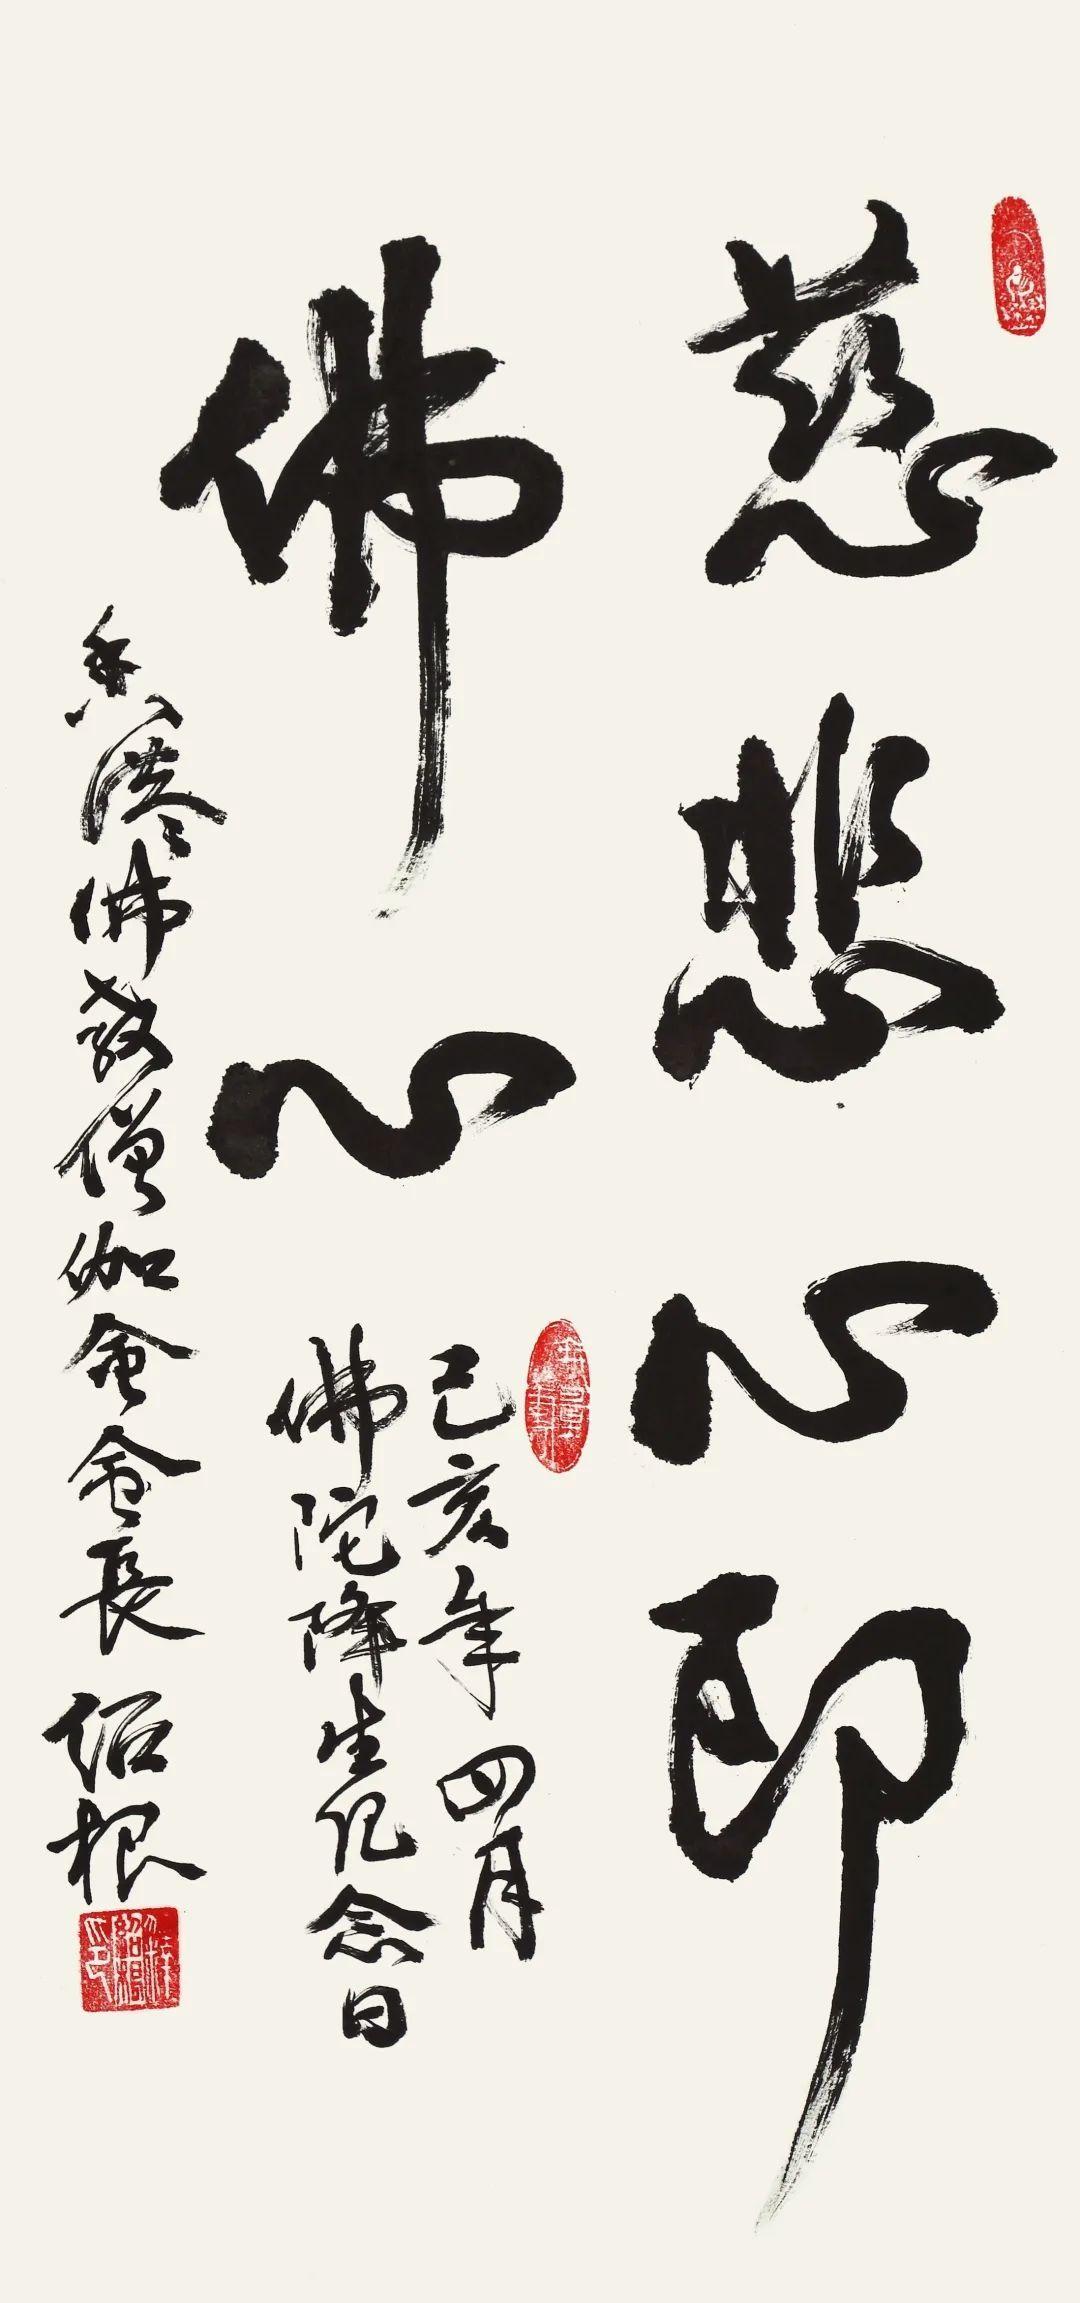 世界佛教僧伽会副会长、香港佛教僧伽联合会会长绍根长老